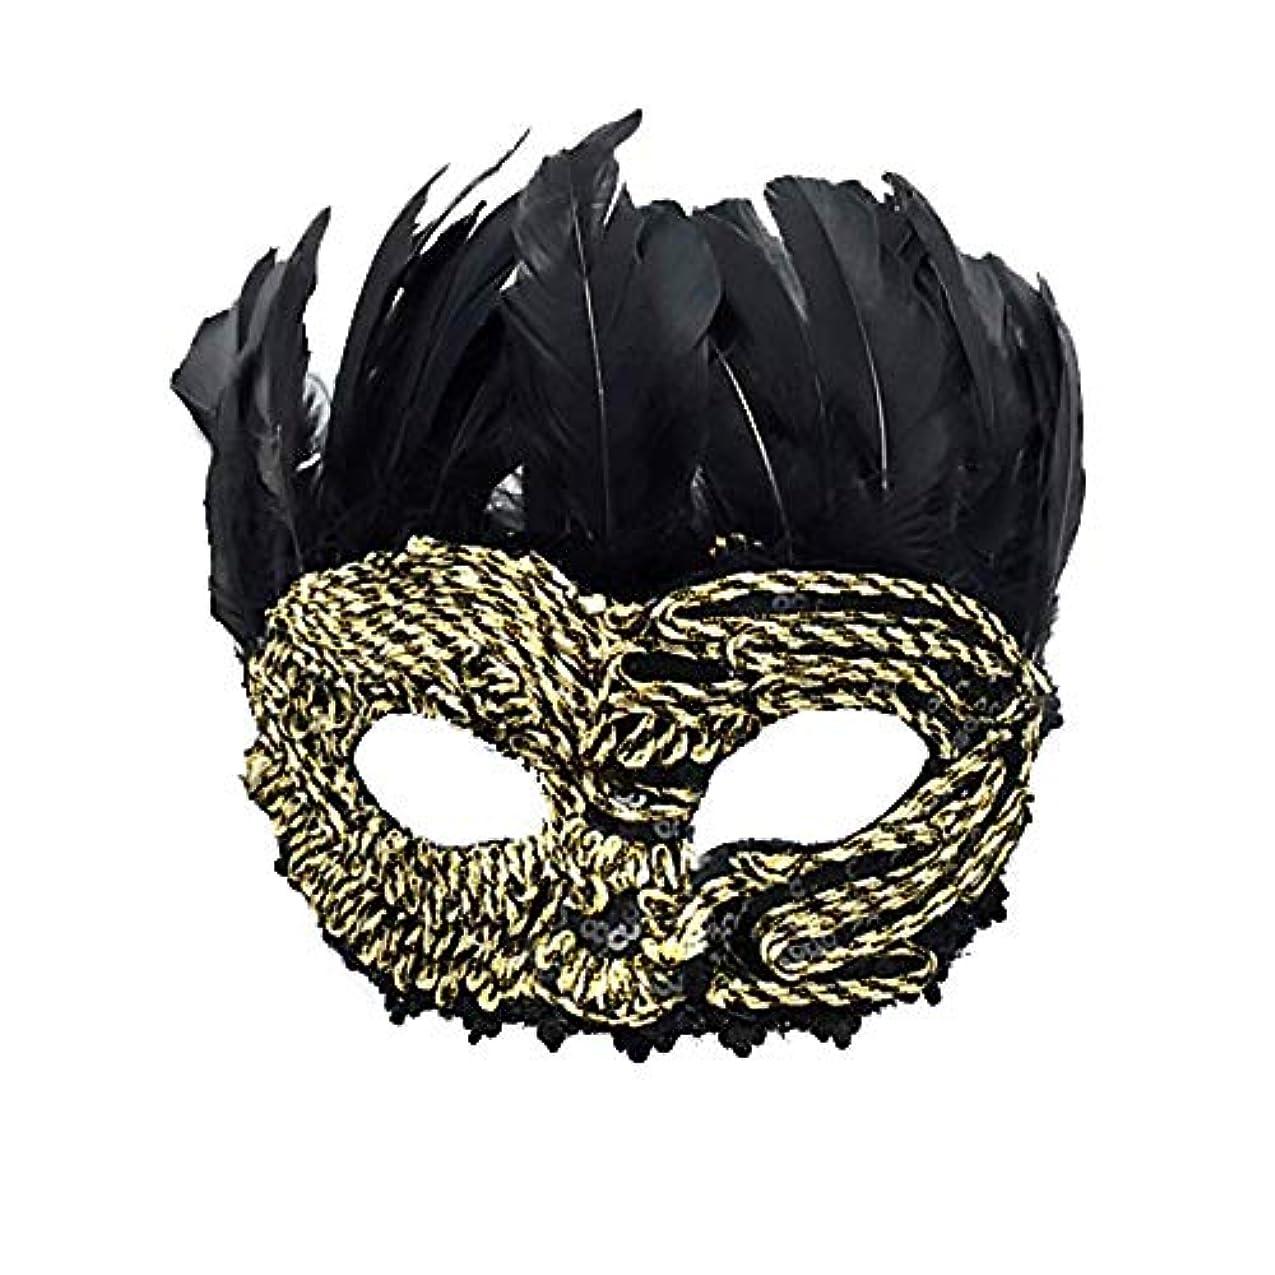 セグメント監査ファイバNanle ハロウィーンクリスマスレースフェザースパンコール刺繍マスク仮装マスクレディーメンズミスプリンセス美容祭パーティーデコレーションマスク(カップルモデル) (色 : Style B)